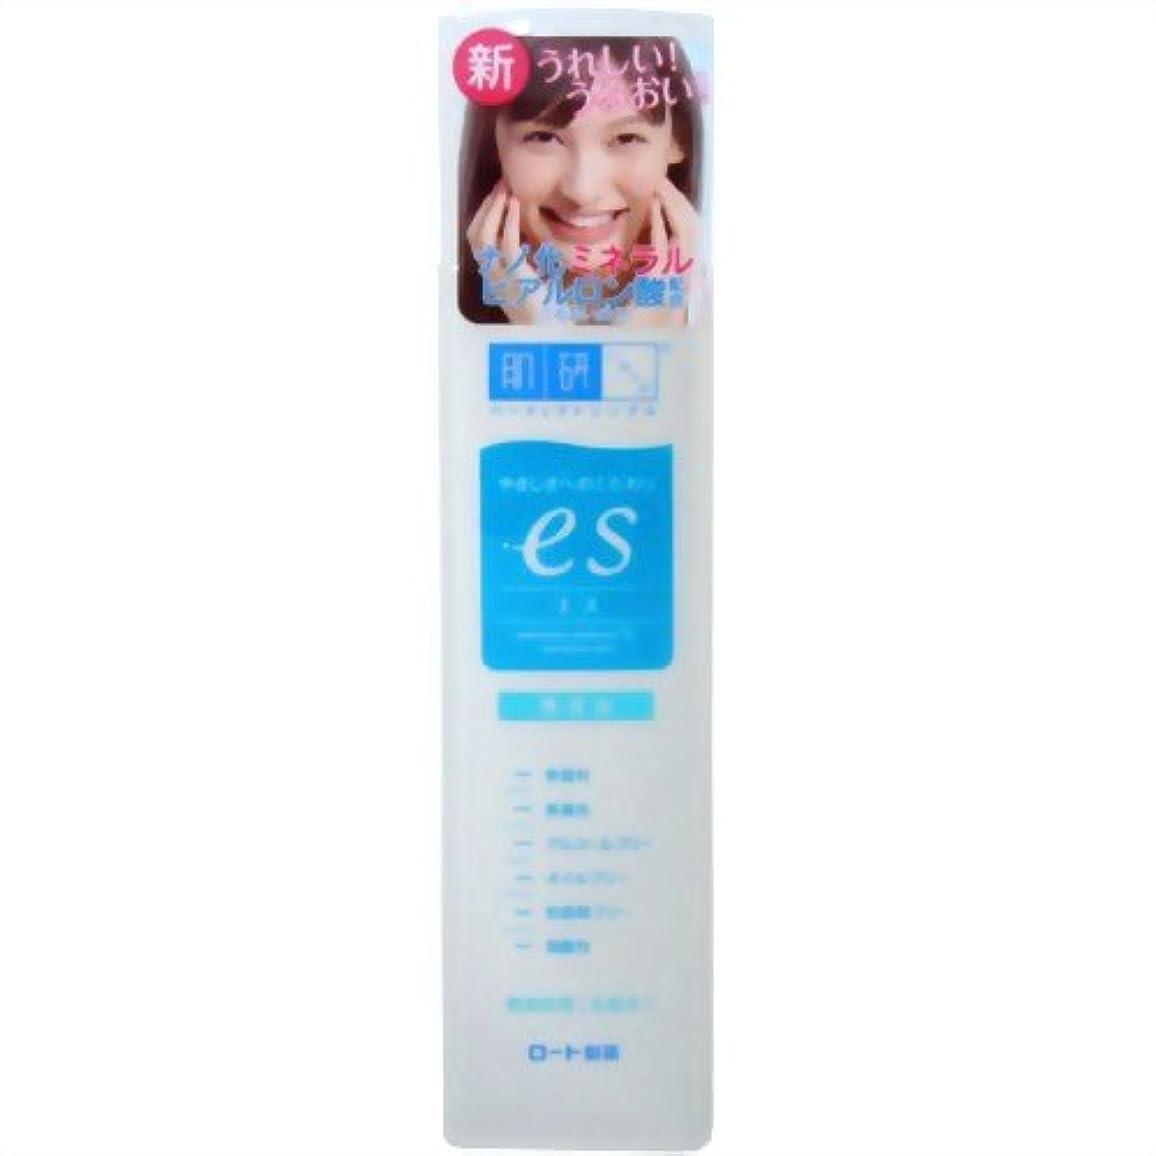 北方共同選択ホイットニー肌ラボ es(エス) ナノ化ミネラルヒアルロン酸配合 無添加処方 化粧水 170mL